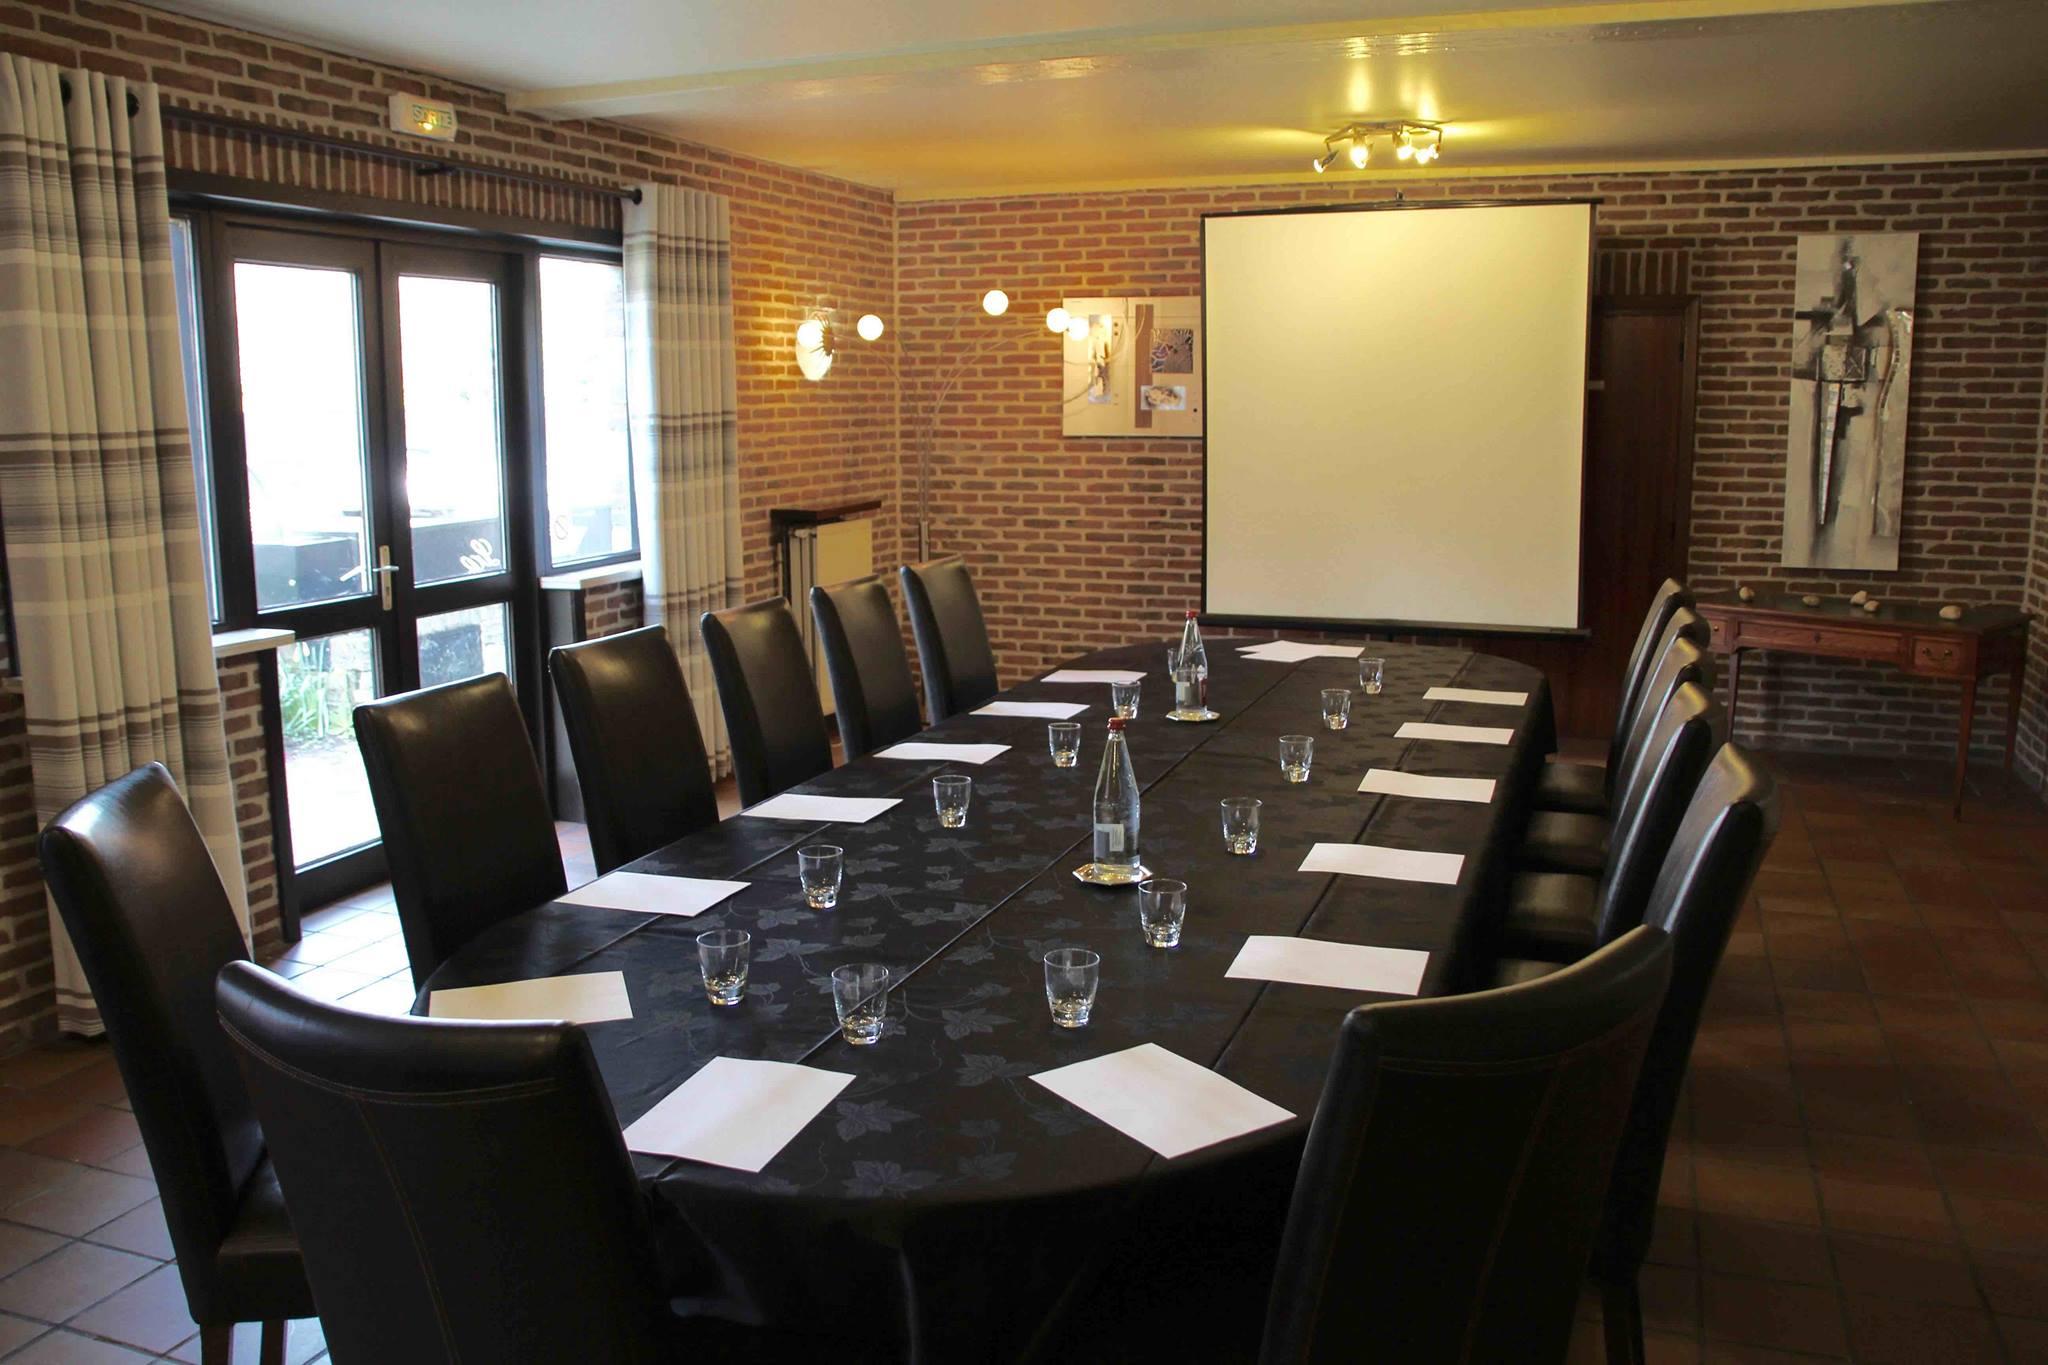 Le restaurant La Cense accueille des repas de groupe, des réceptions et des réunions